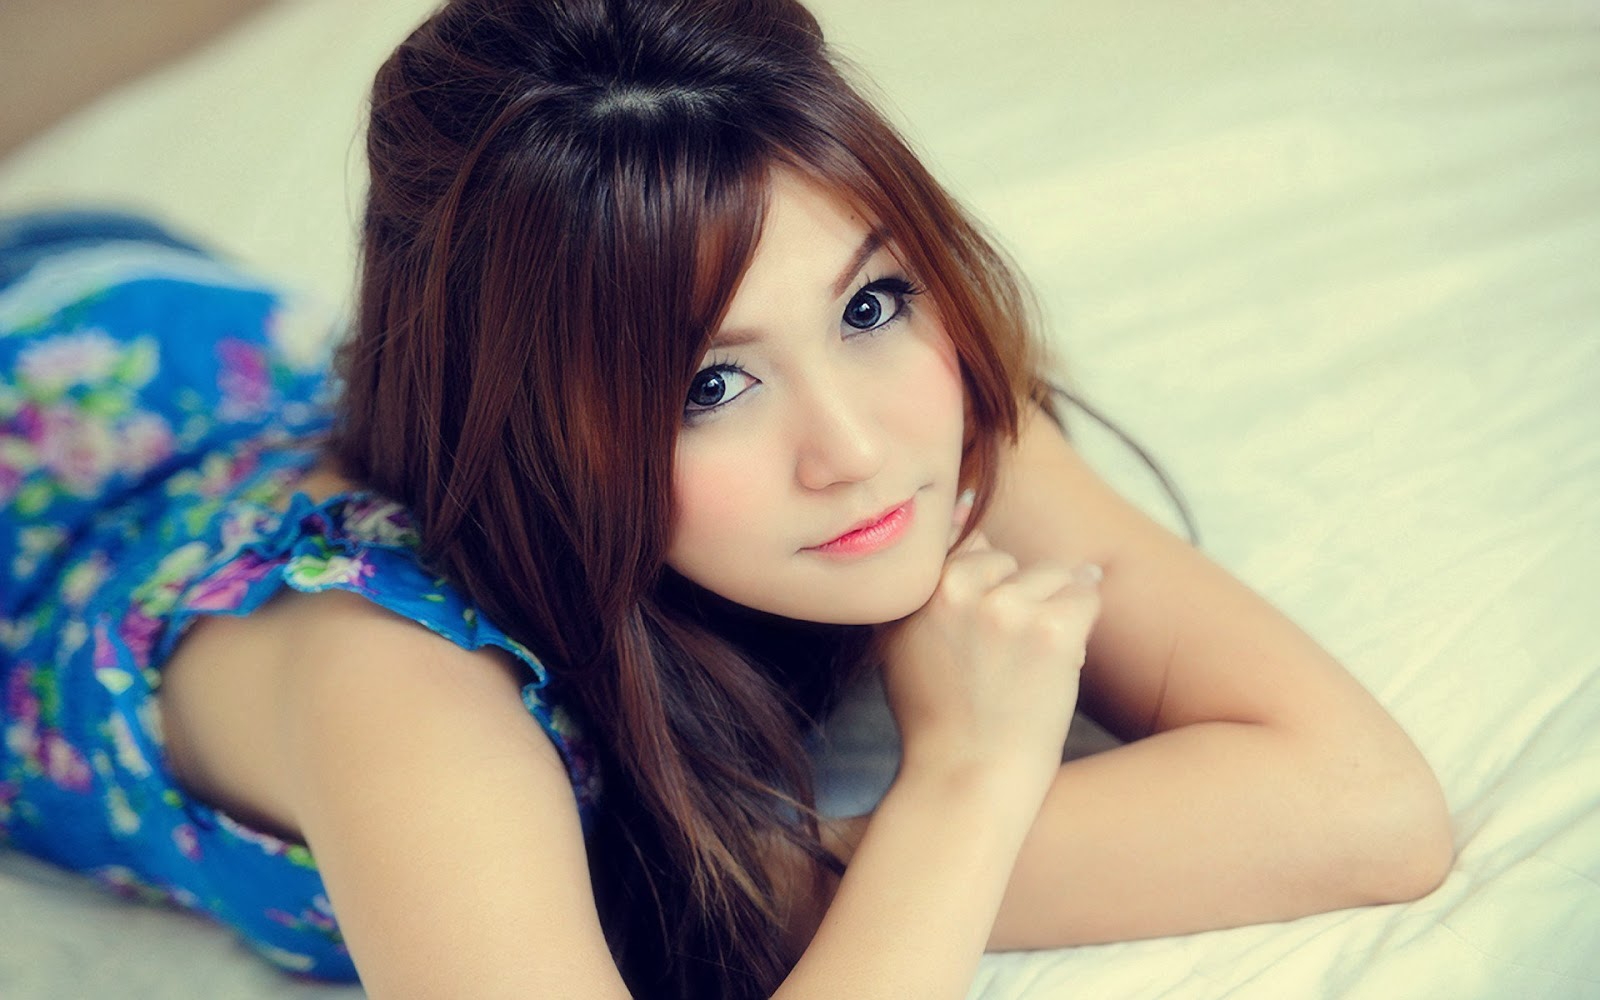 صورة صور بنات مراهقات , بوستات جميلة لبنات فى سن المراهقة 6365 6